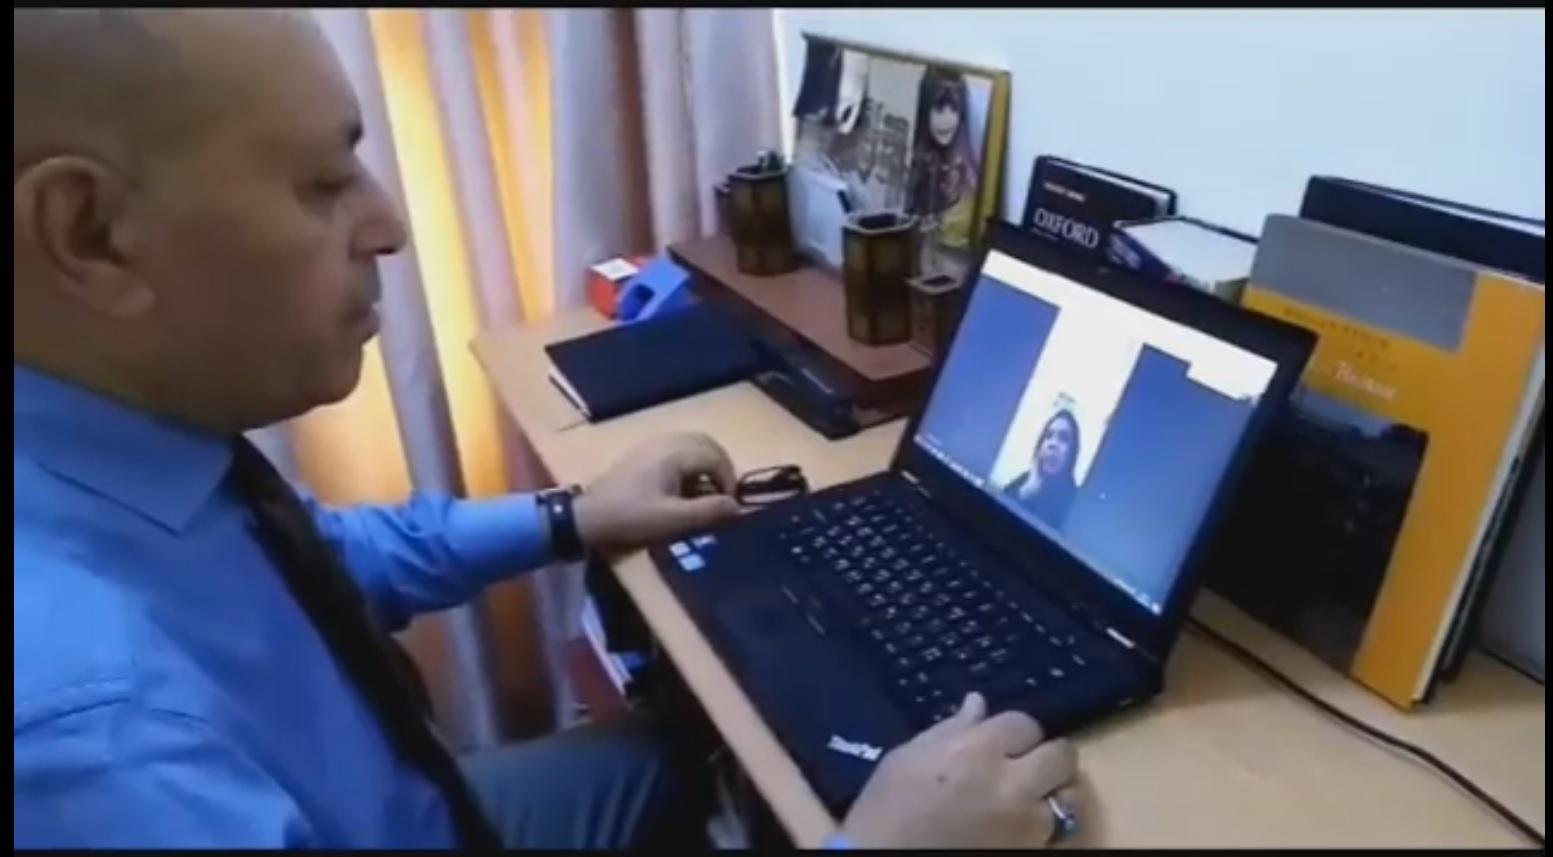 استمرار أداء الإمتحانات الإلكترونية لأقسام كلية شط العرب الجامعة خلال أيام الحظر الكلي